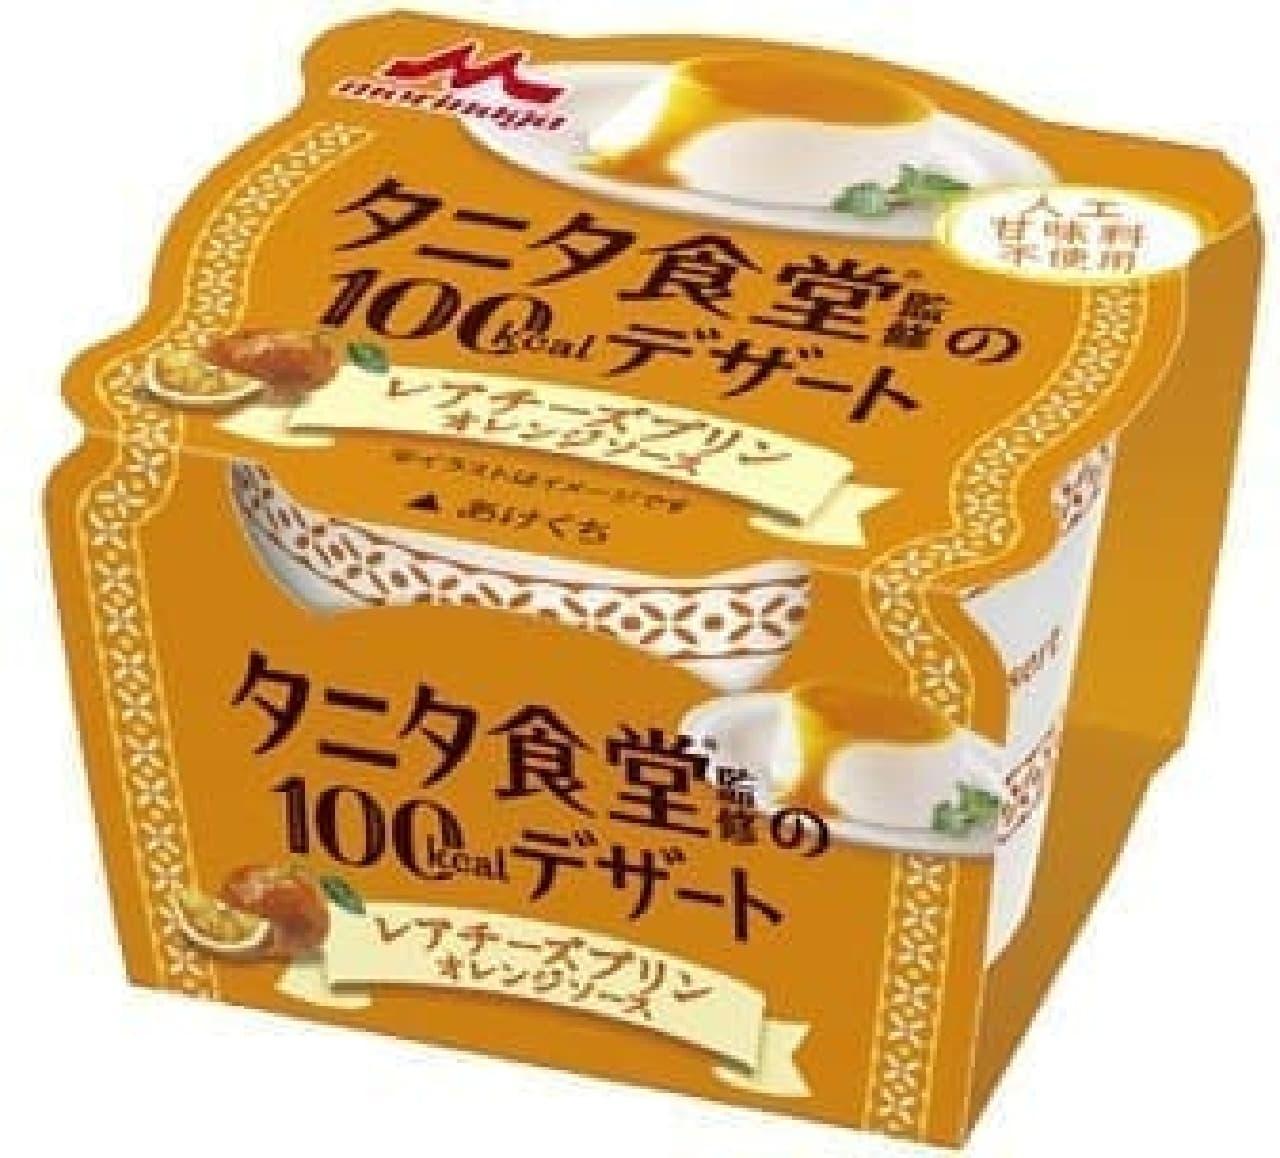 森永乳業「タニタ食堂監修の100kcalデザート レアチーズプリン オレンジソース」